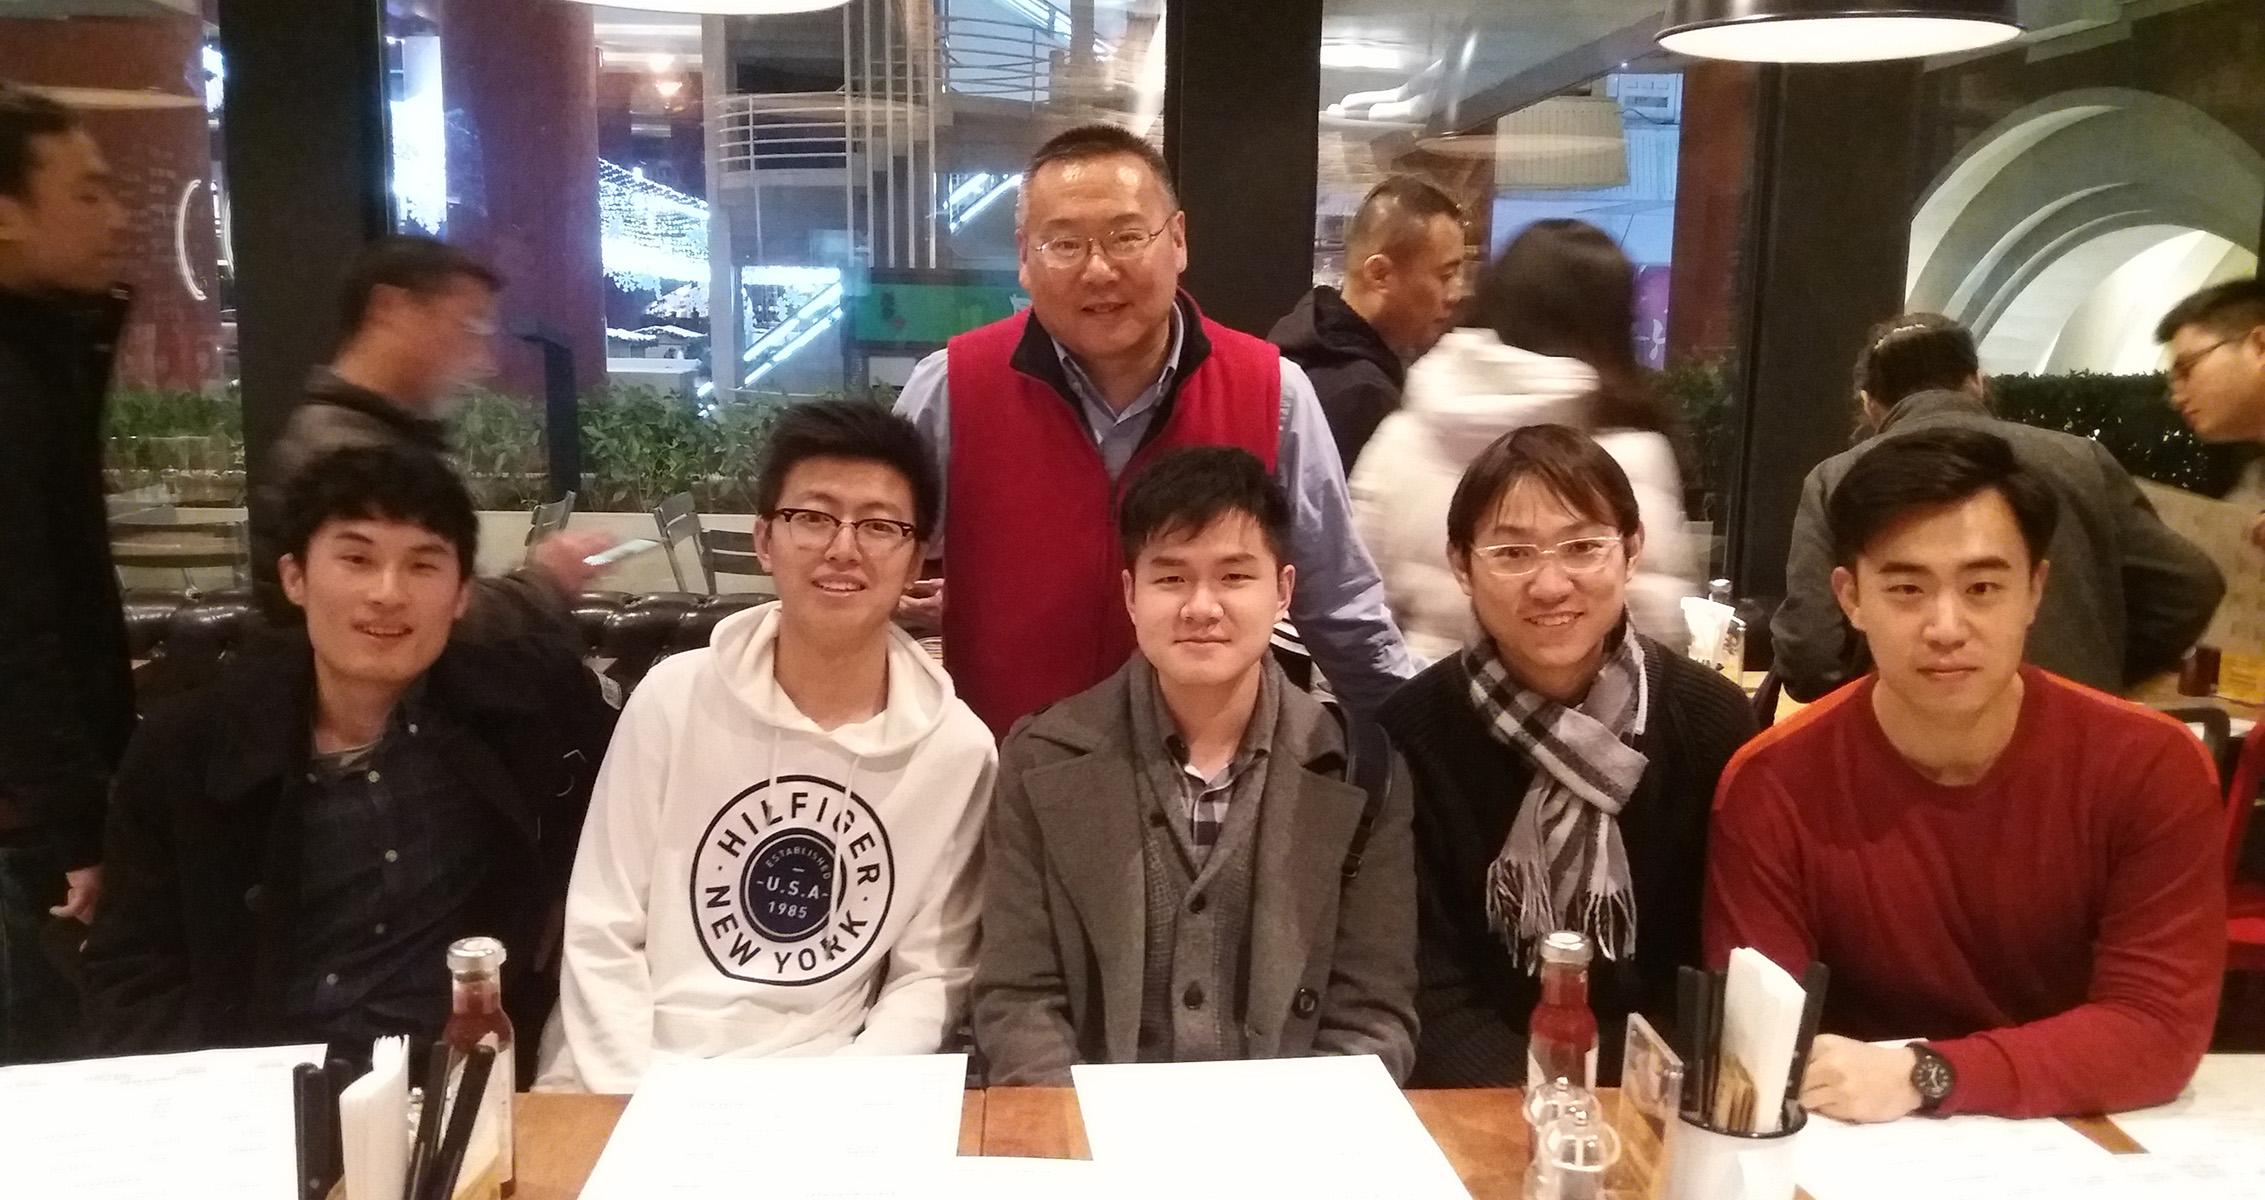 Yan Wang with team